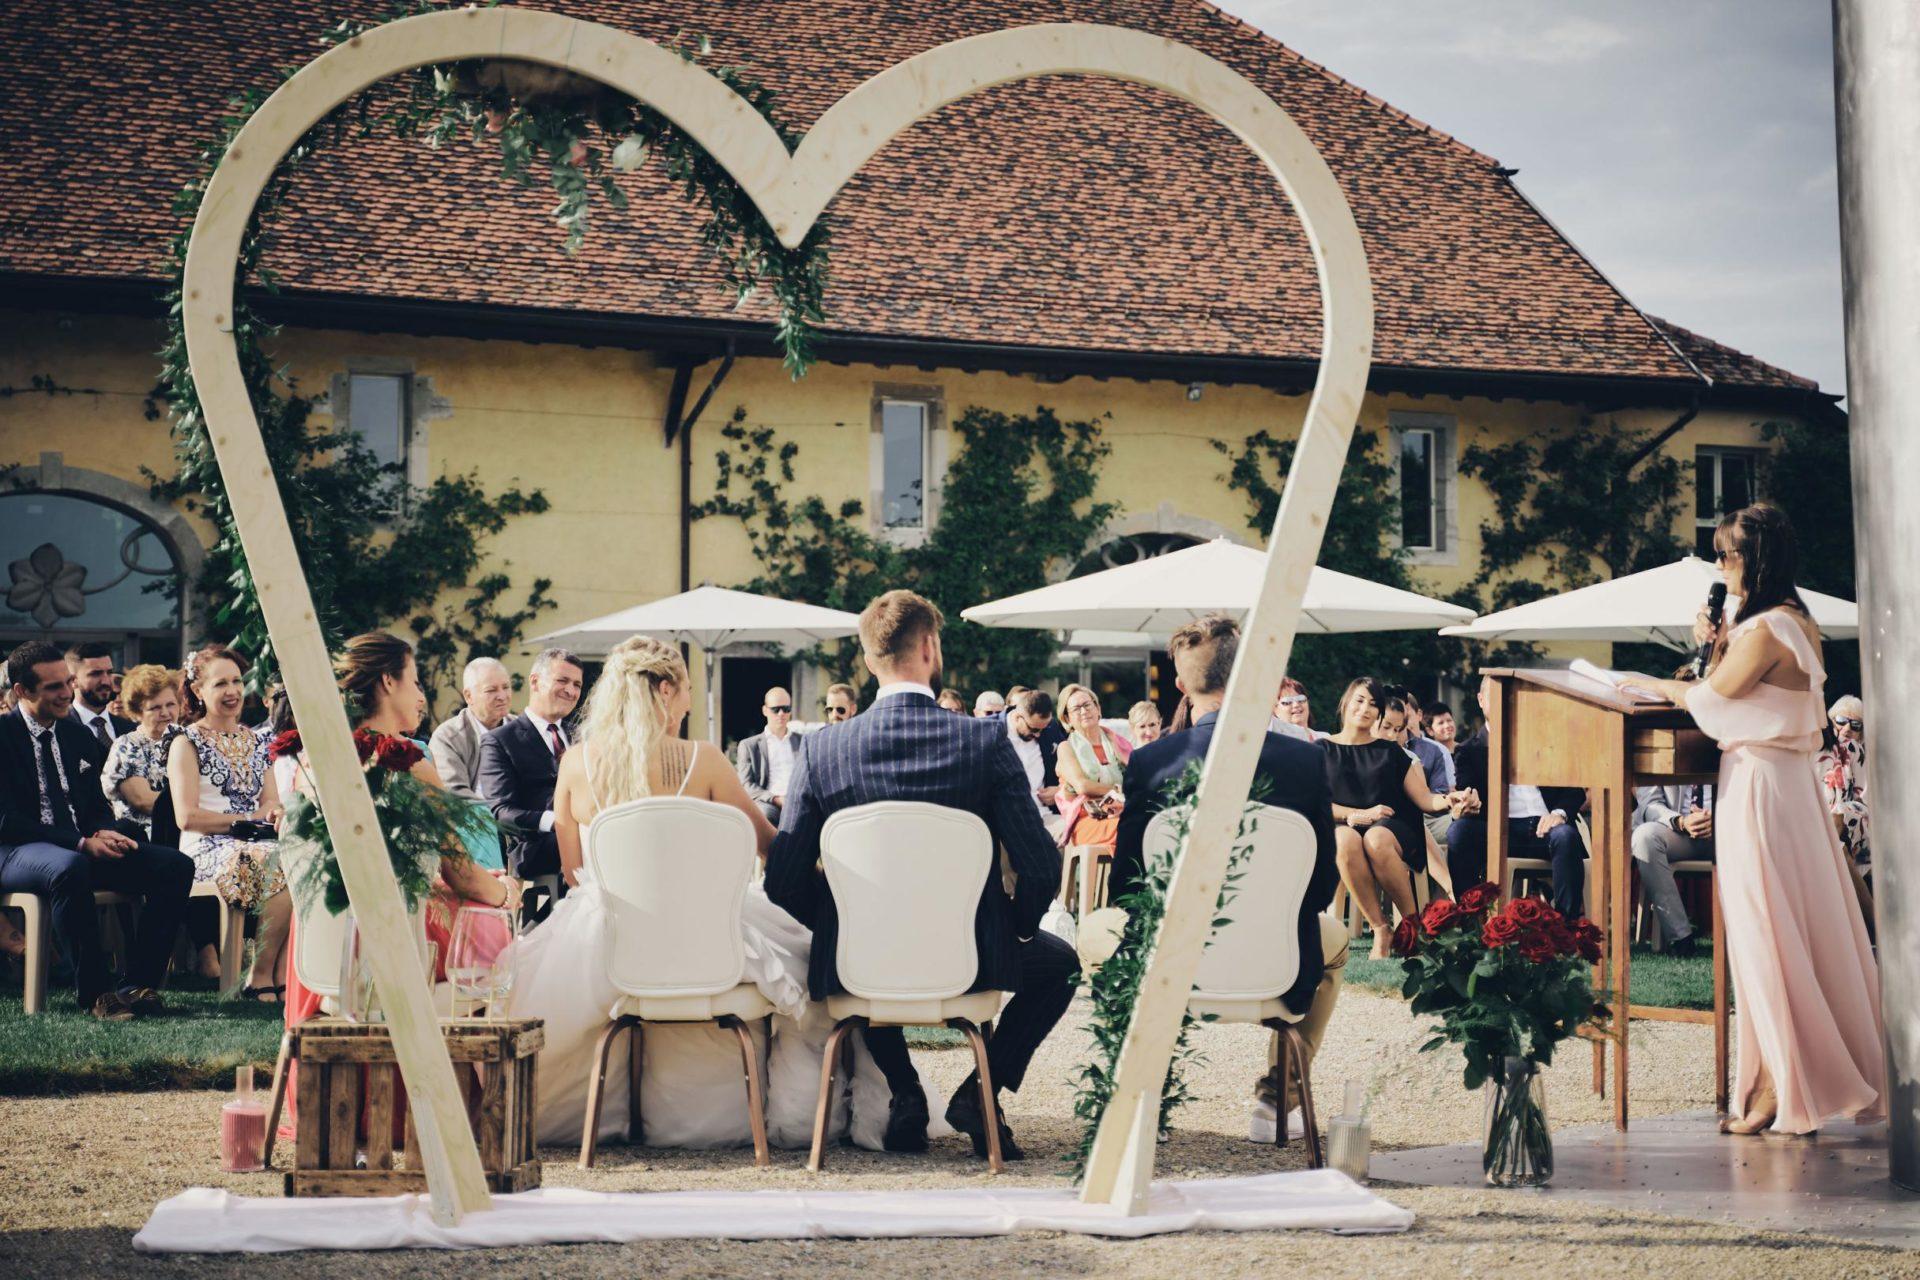 ju ju photo marie marcello partage 425 scaled - Quelle cérémonie choisir pour son mariage?